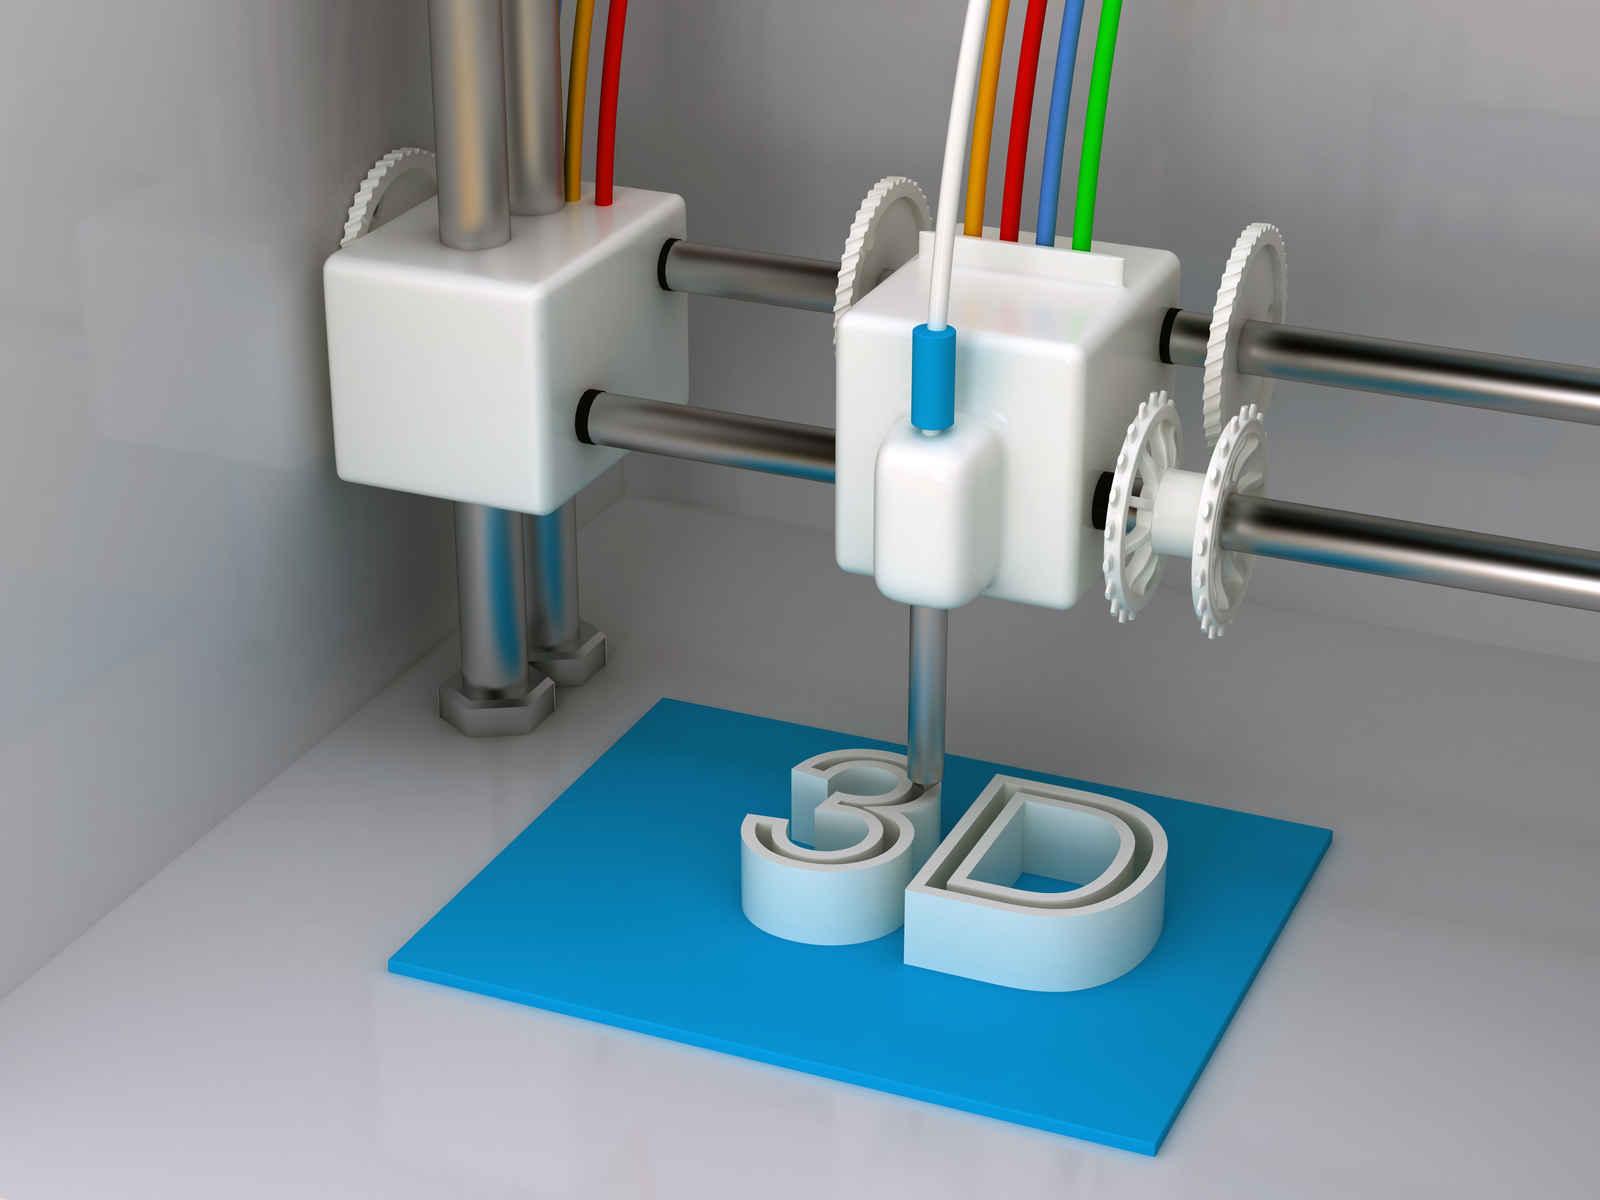 آیا می توان یک پرینتر سه بعدی را با پرینت سه بعدی چاپ کنید؟